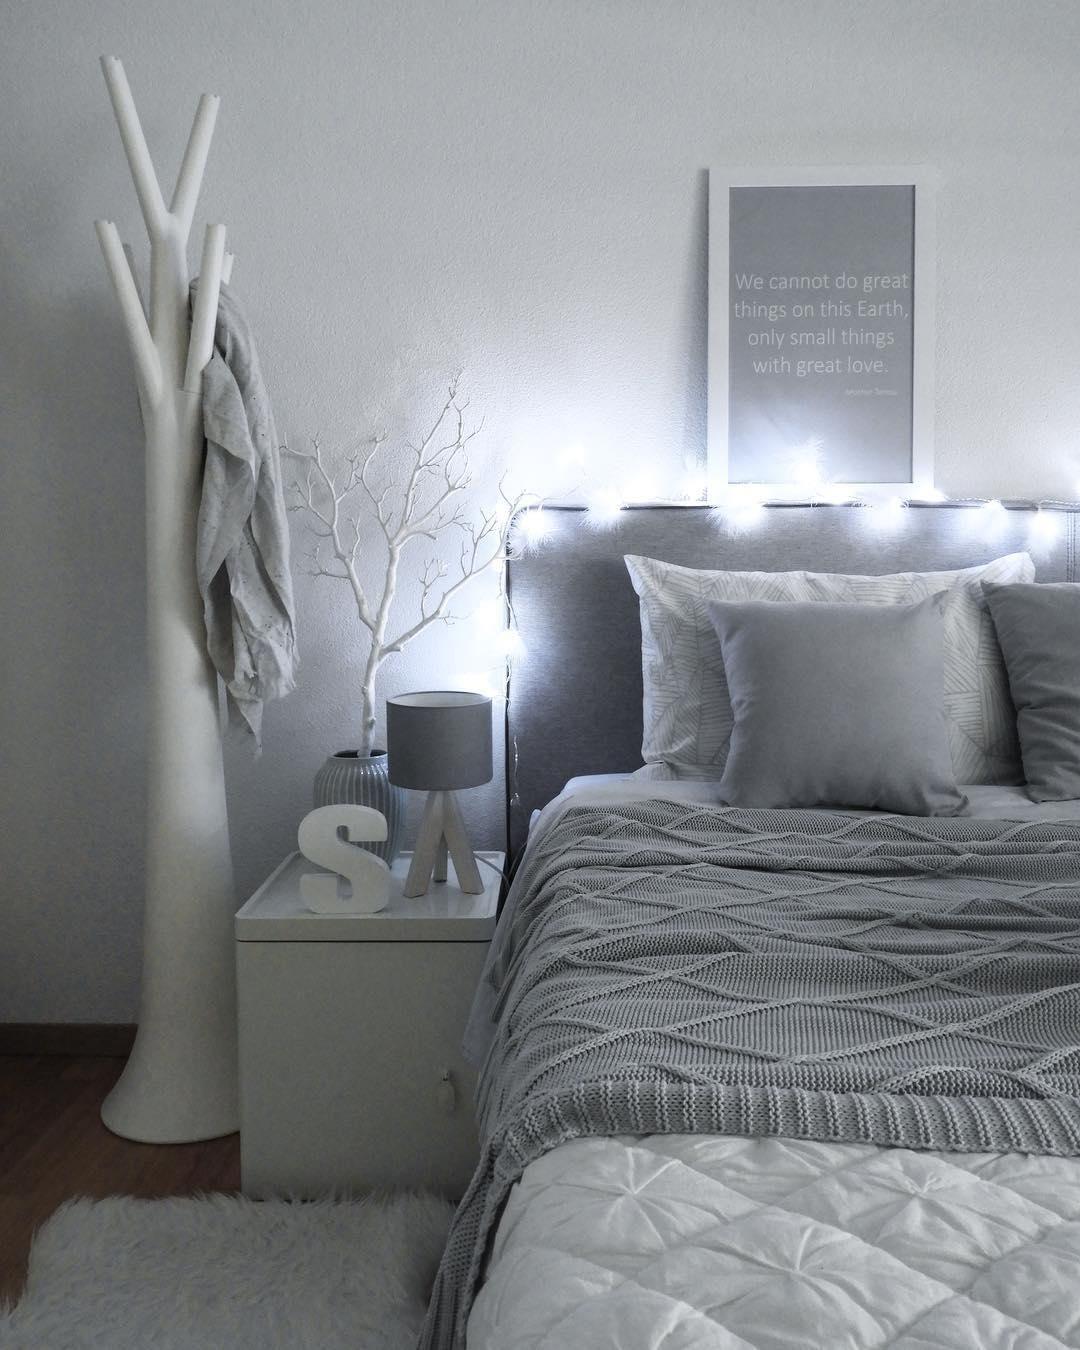 LED Lichterkette Raindrop | Schlafzimmer bett, Led lichterkette ...